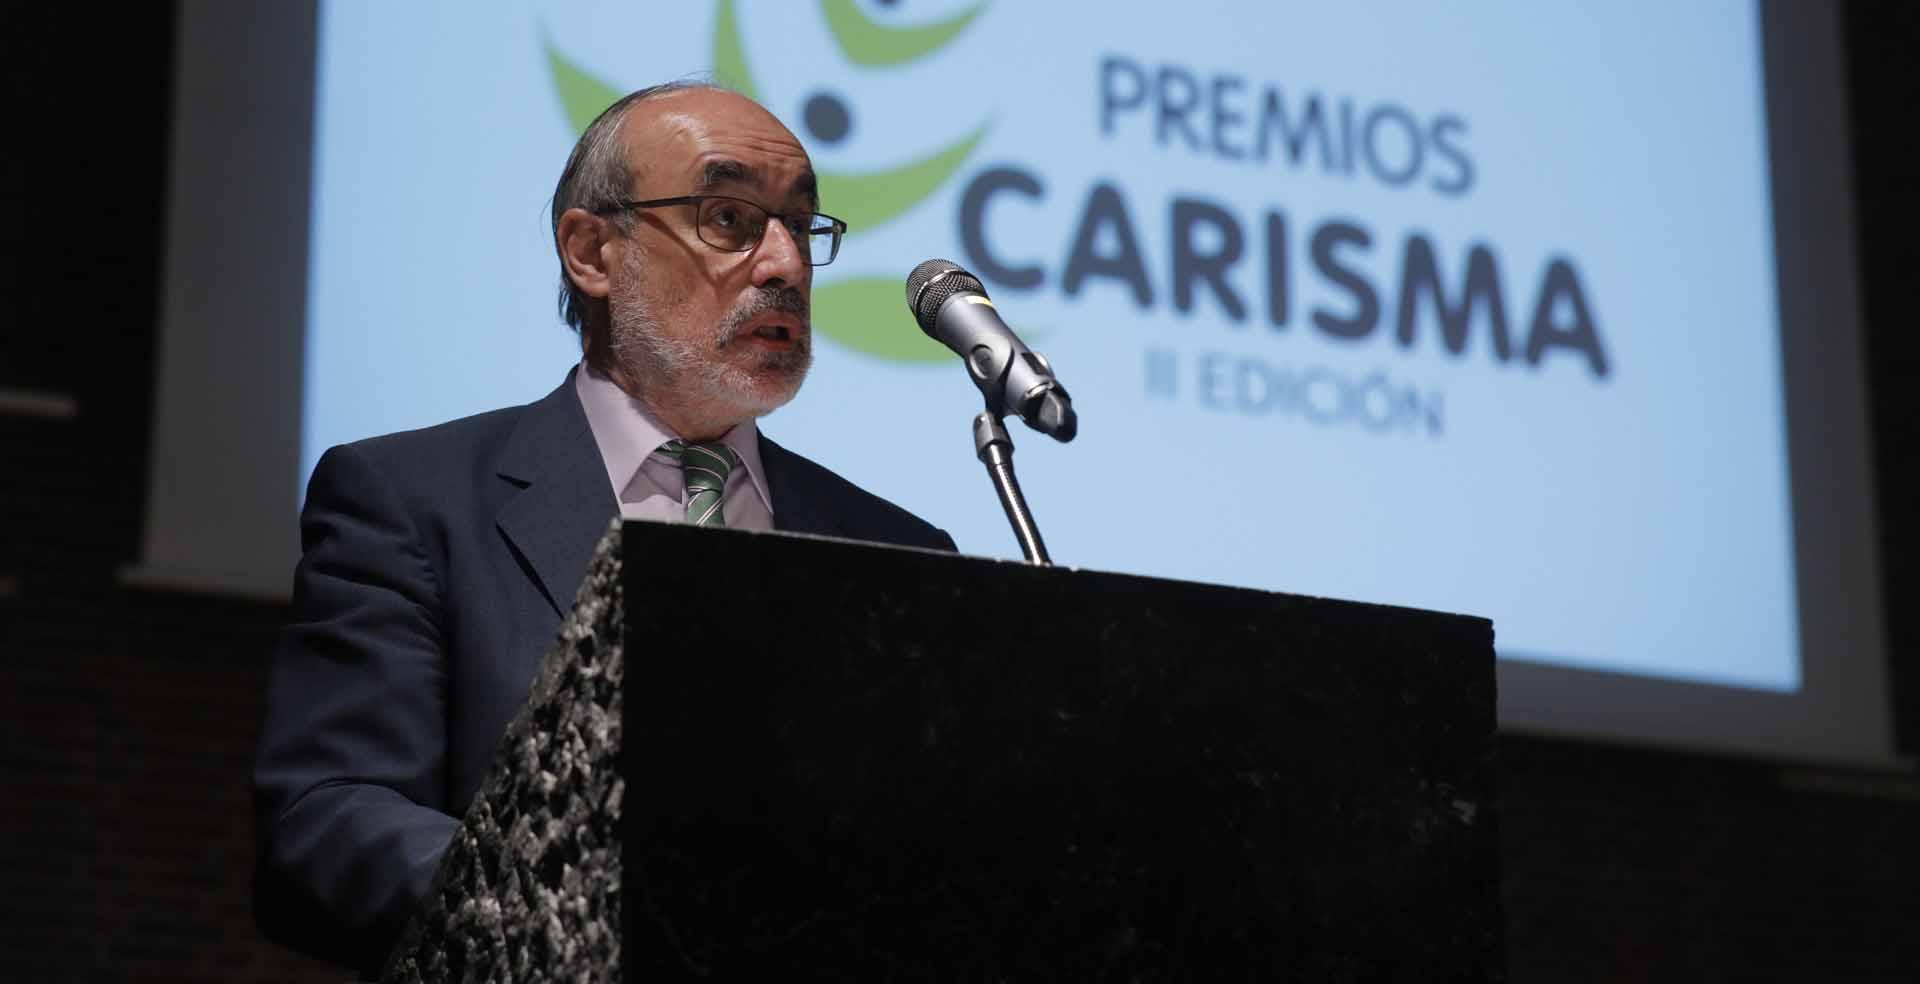 Jesús Miguel Zamora, secretario general de la CONFER